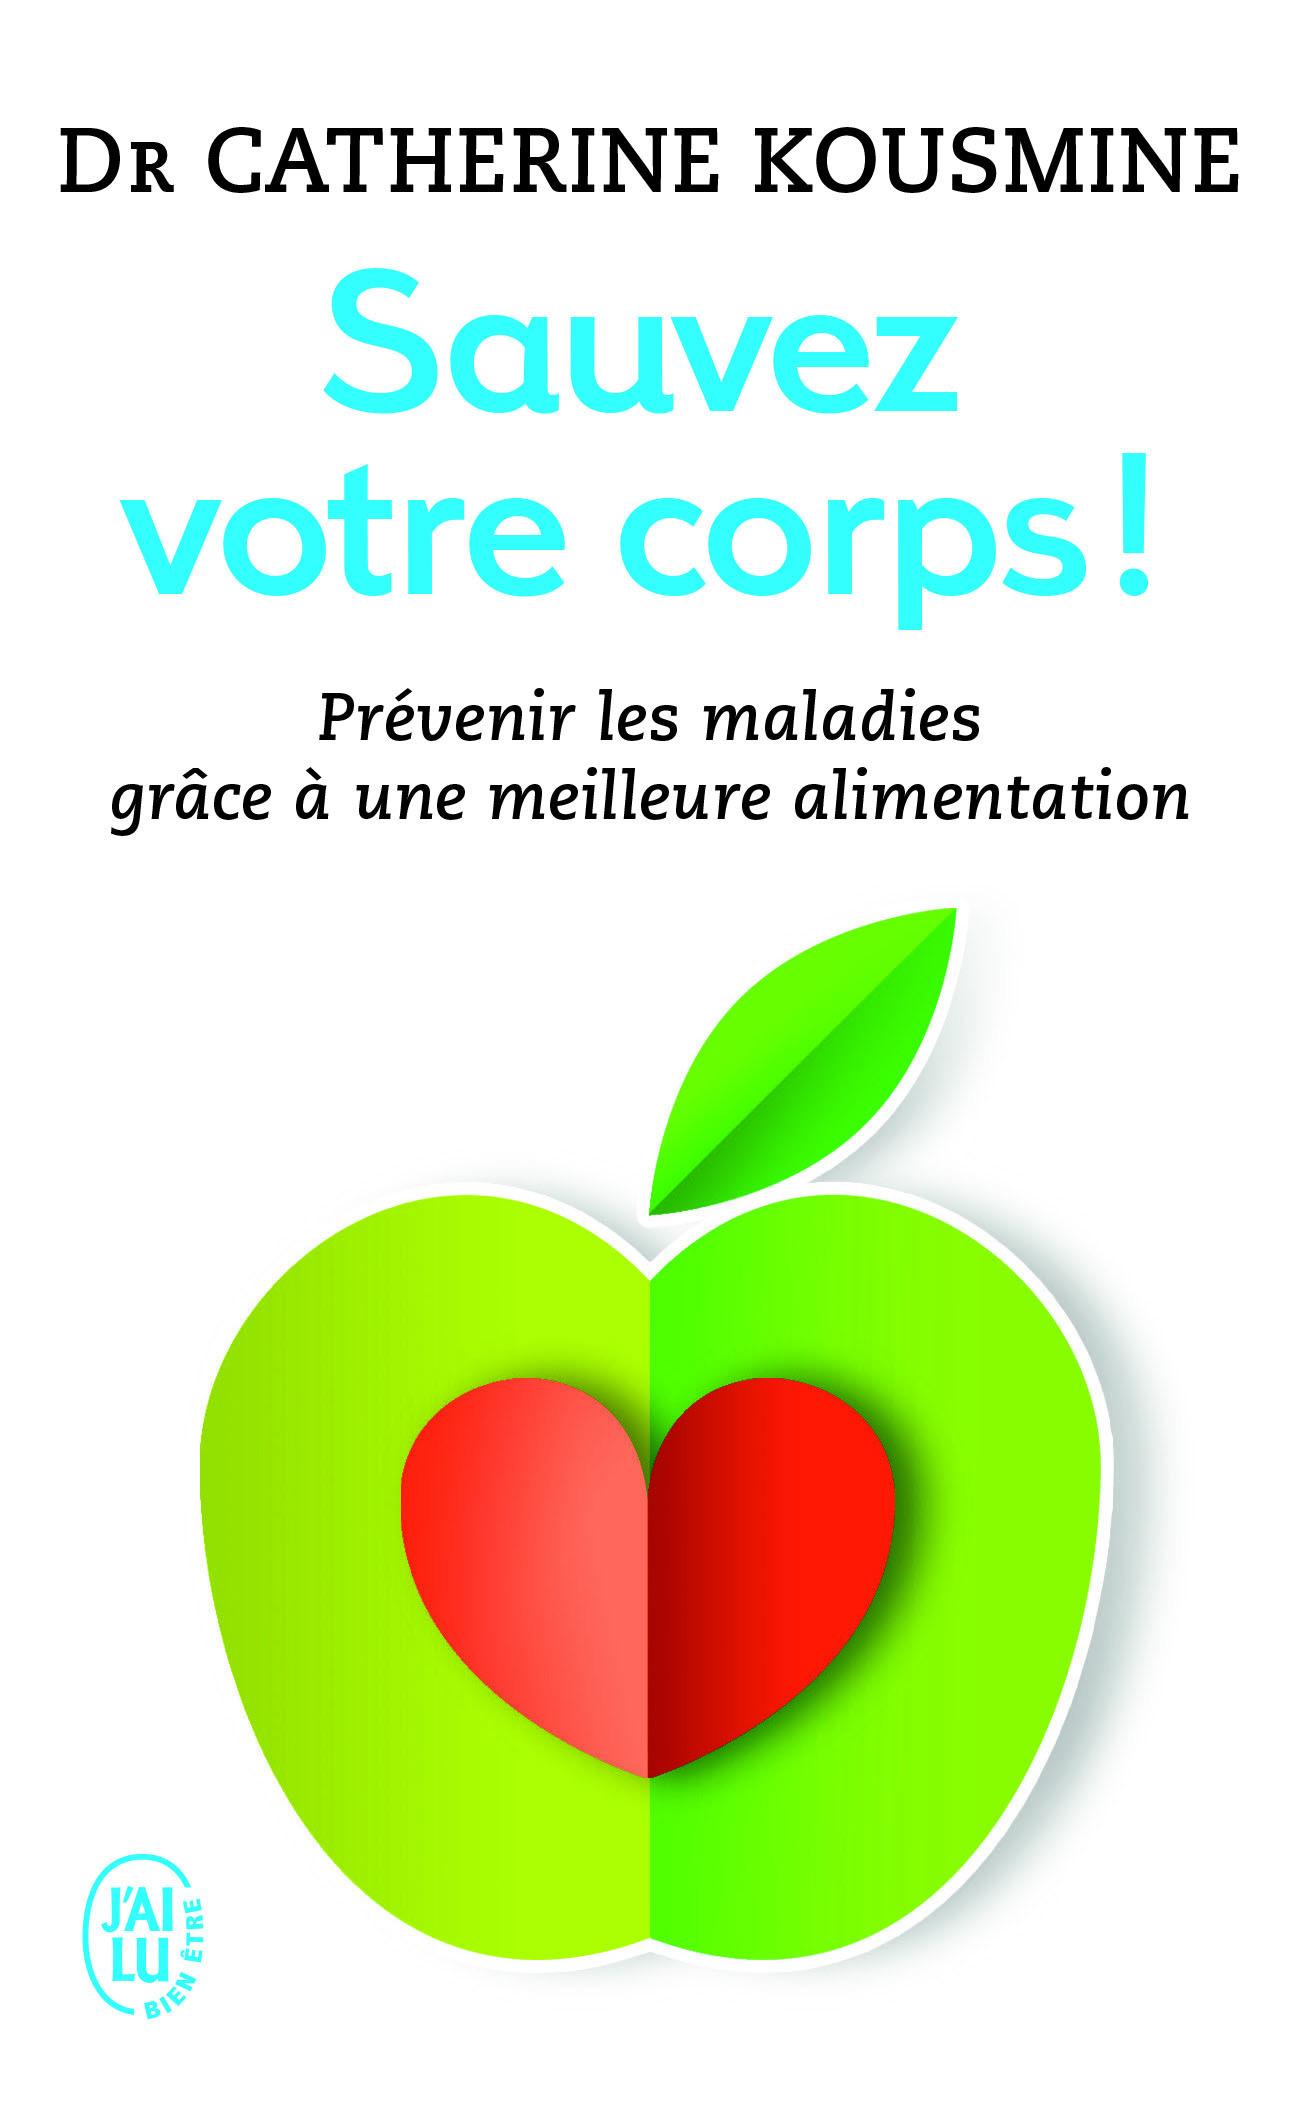 SAUVEZ VOTRE CORPS ! - PREVENIR LES MALADES GRACE A UNE MEILLEURE ALIMENTATION